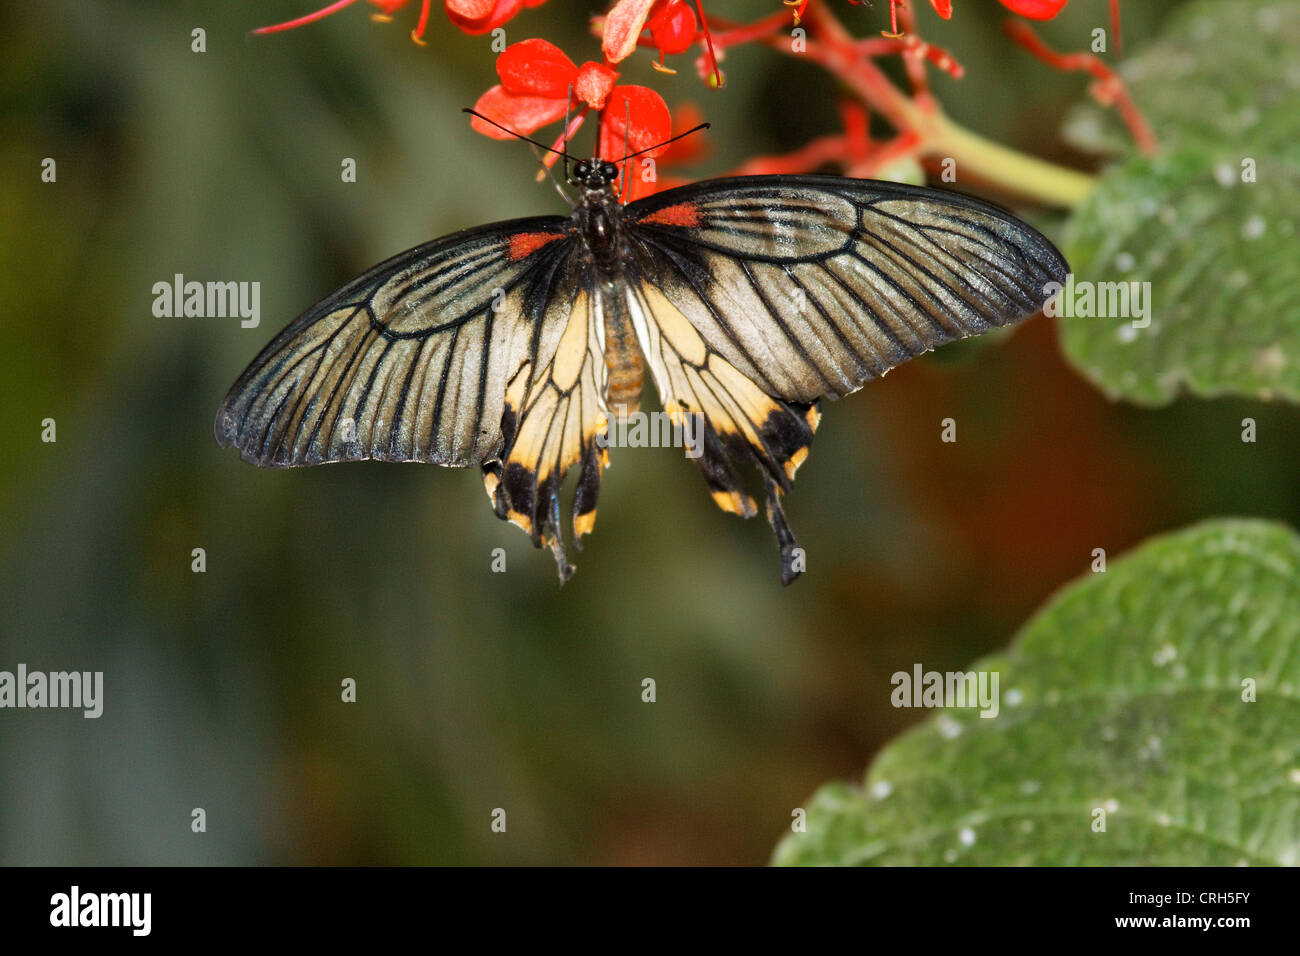 Schmetterlinge in der Natur - butterfly in nature Schmetterling - Butterfly - Stock Image